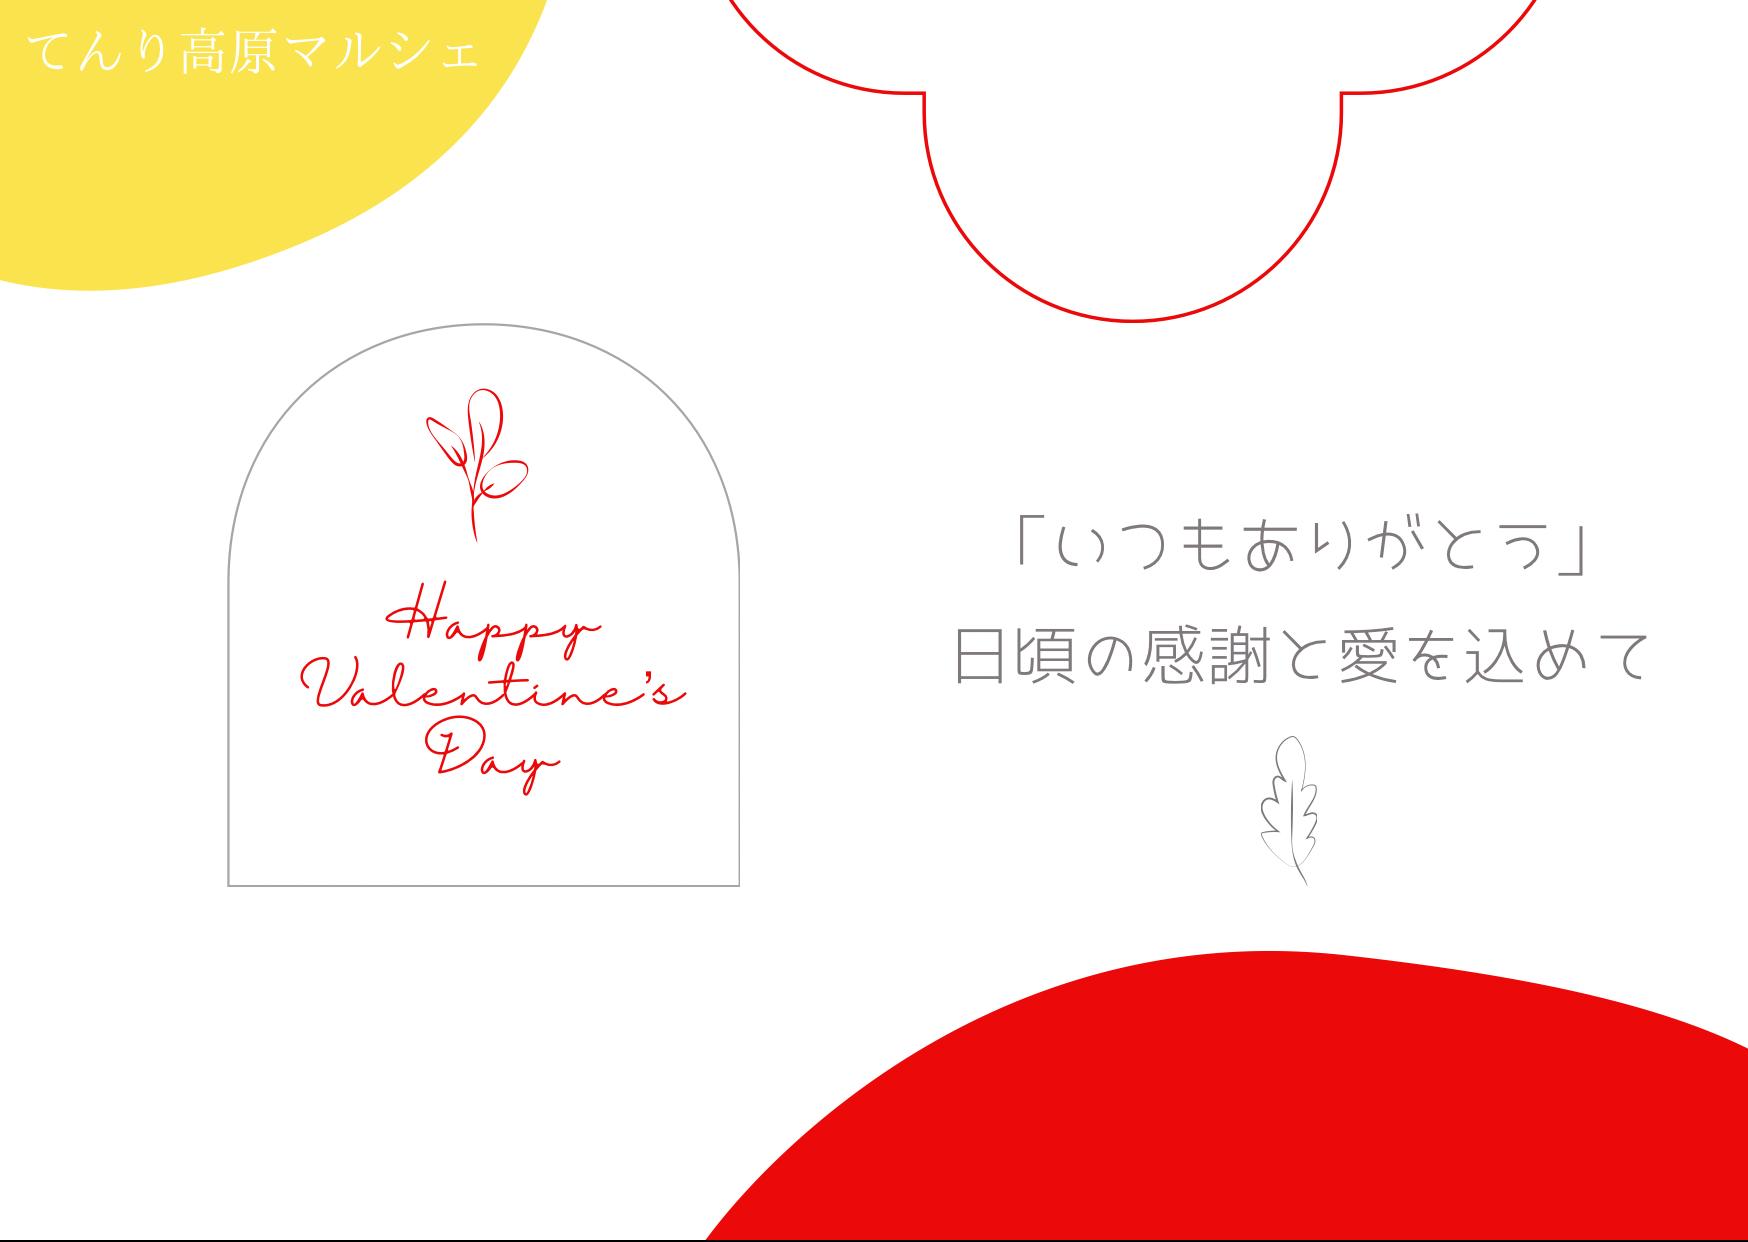 カード③日本語メッセージ